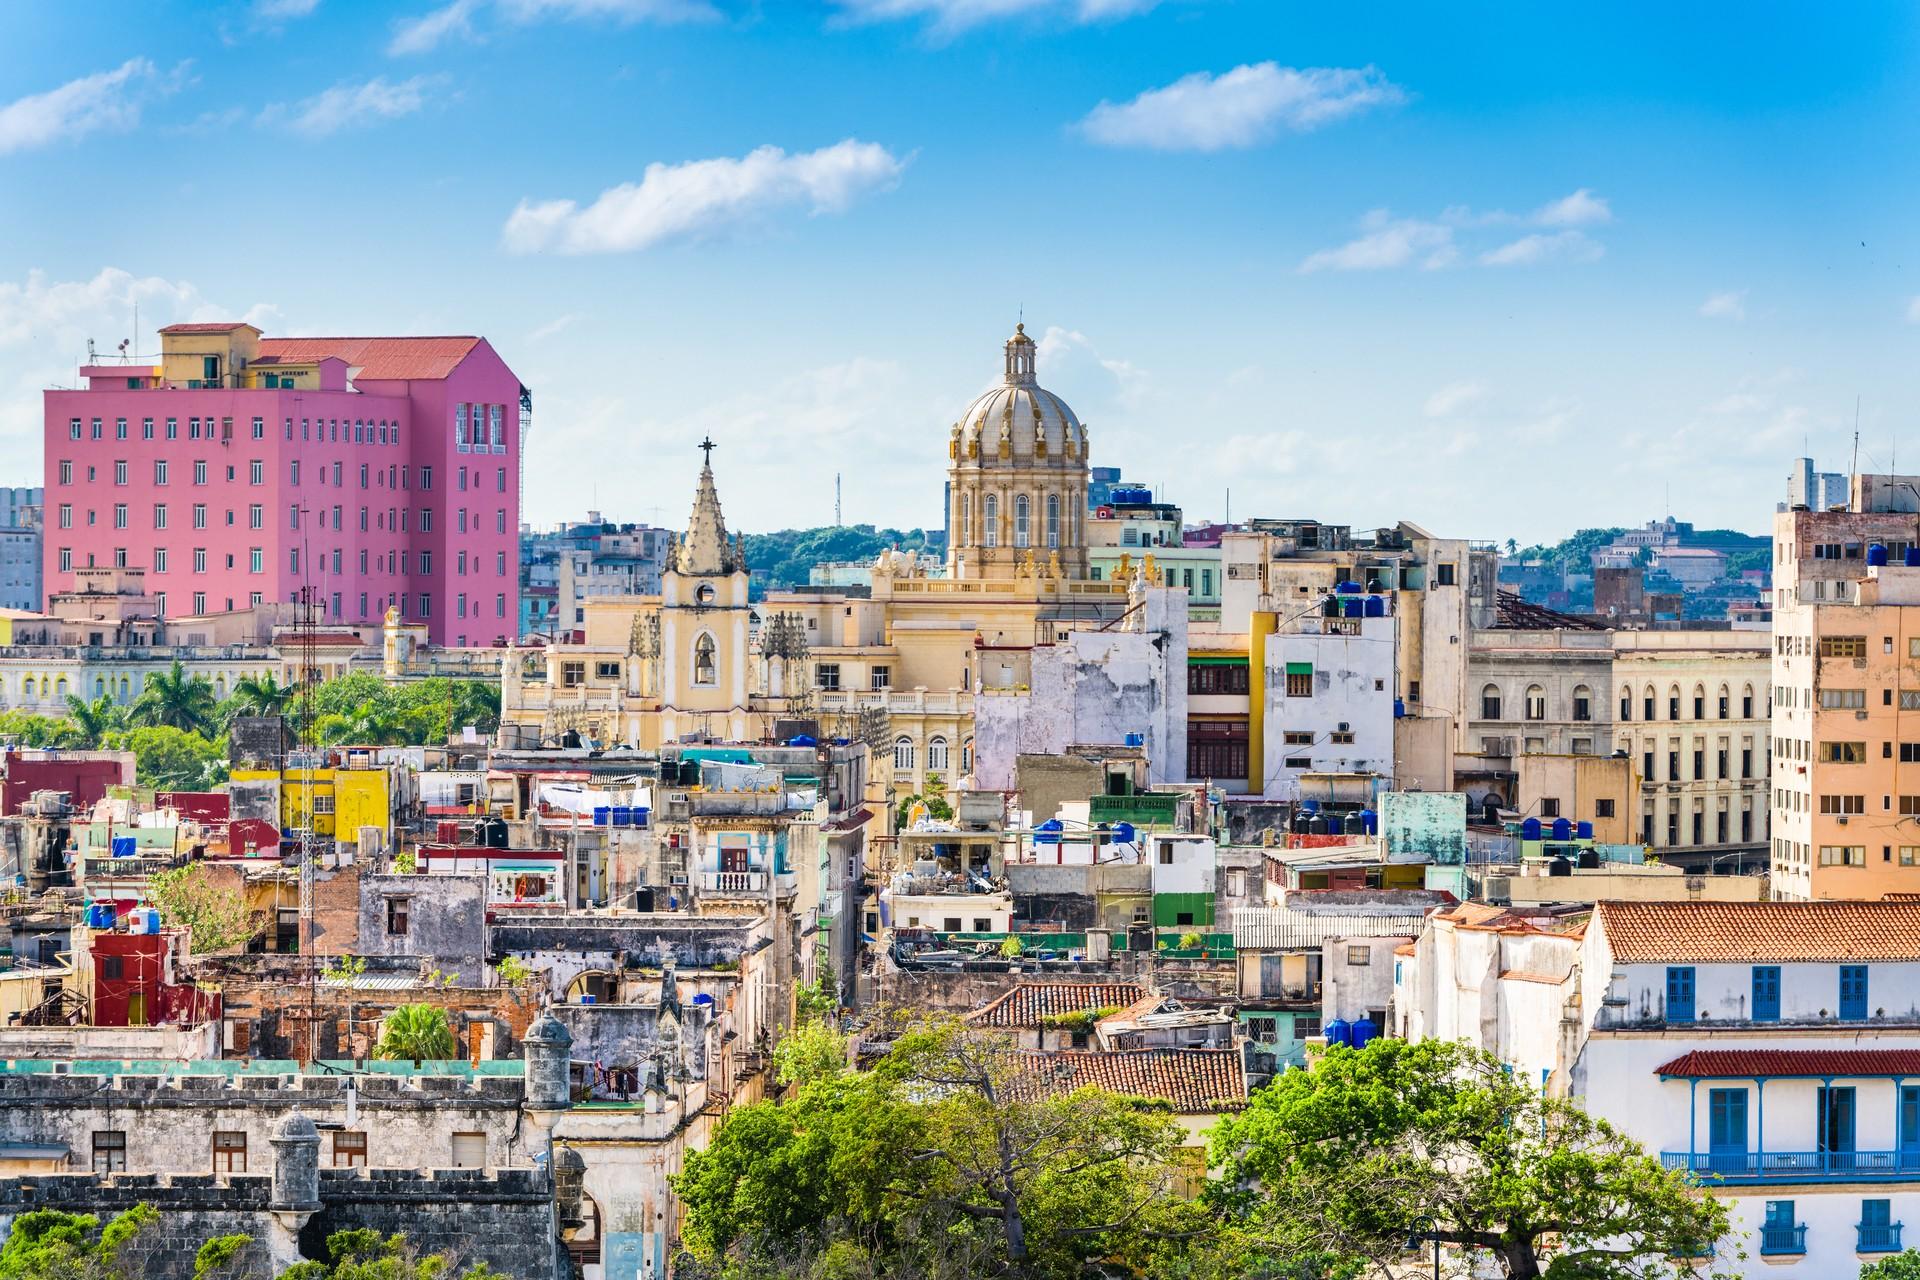 The Havana skyline in Cuba